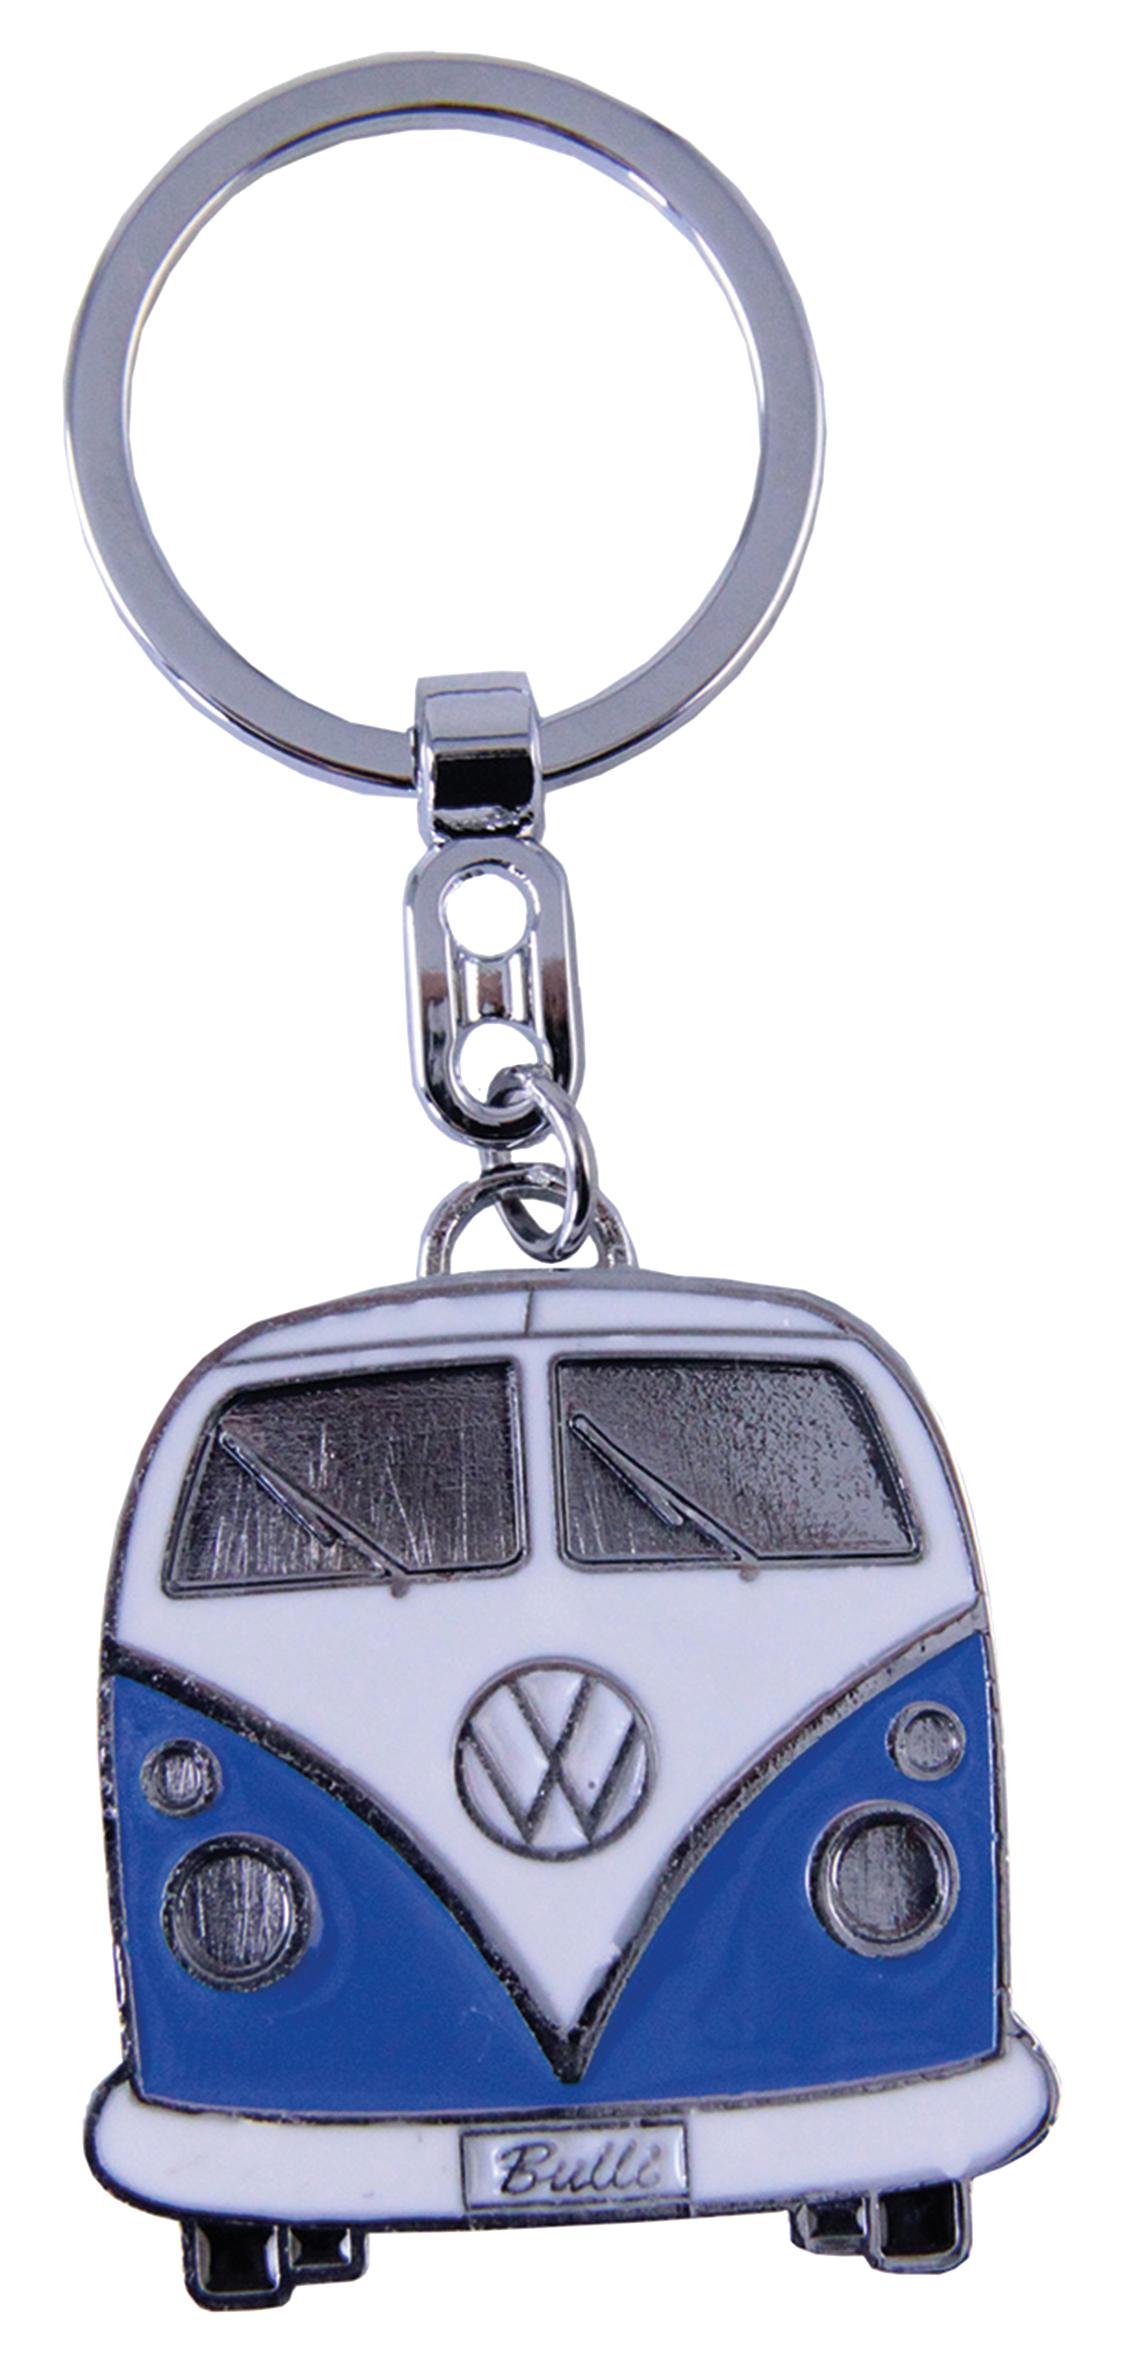 VW Collection Schlüsselanhänger blau